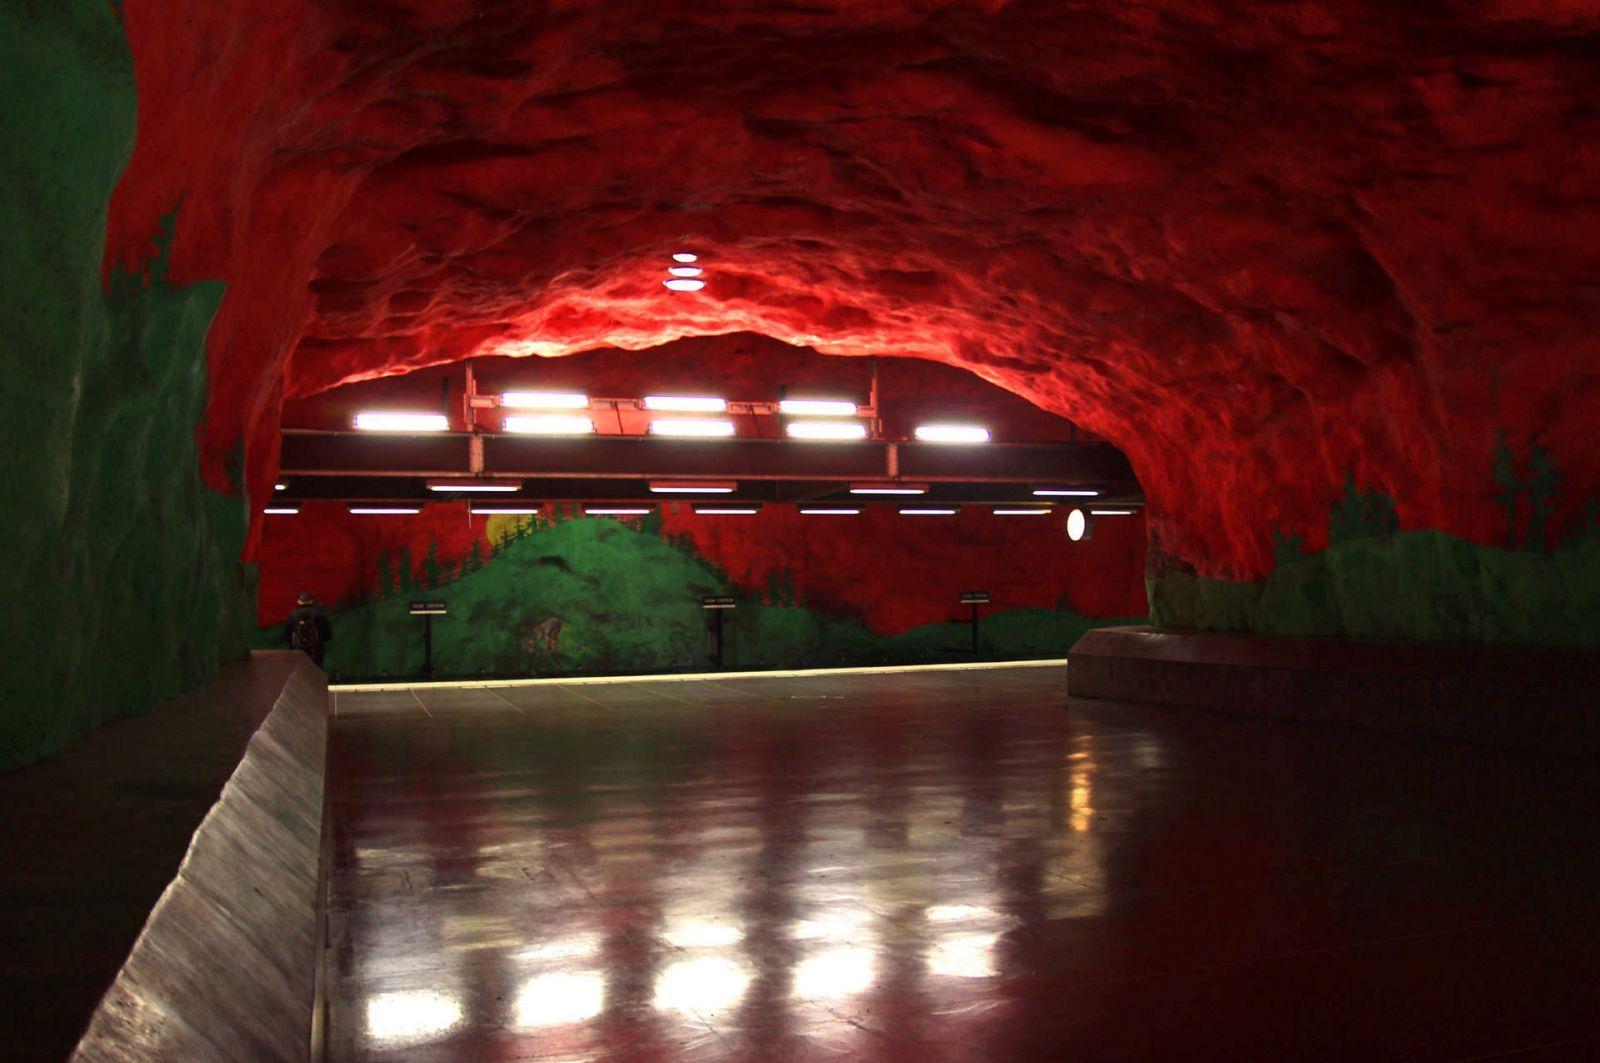 Anders Aberg y Karl-Olov Björk.Estación central del metro Solna, Estcolmo, Suecia